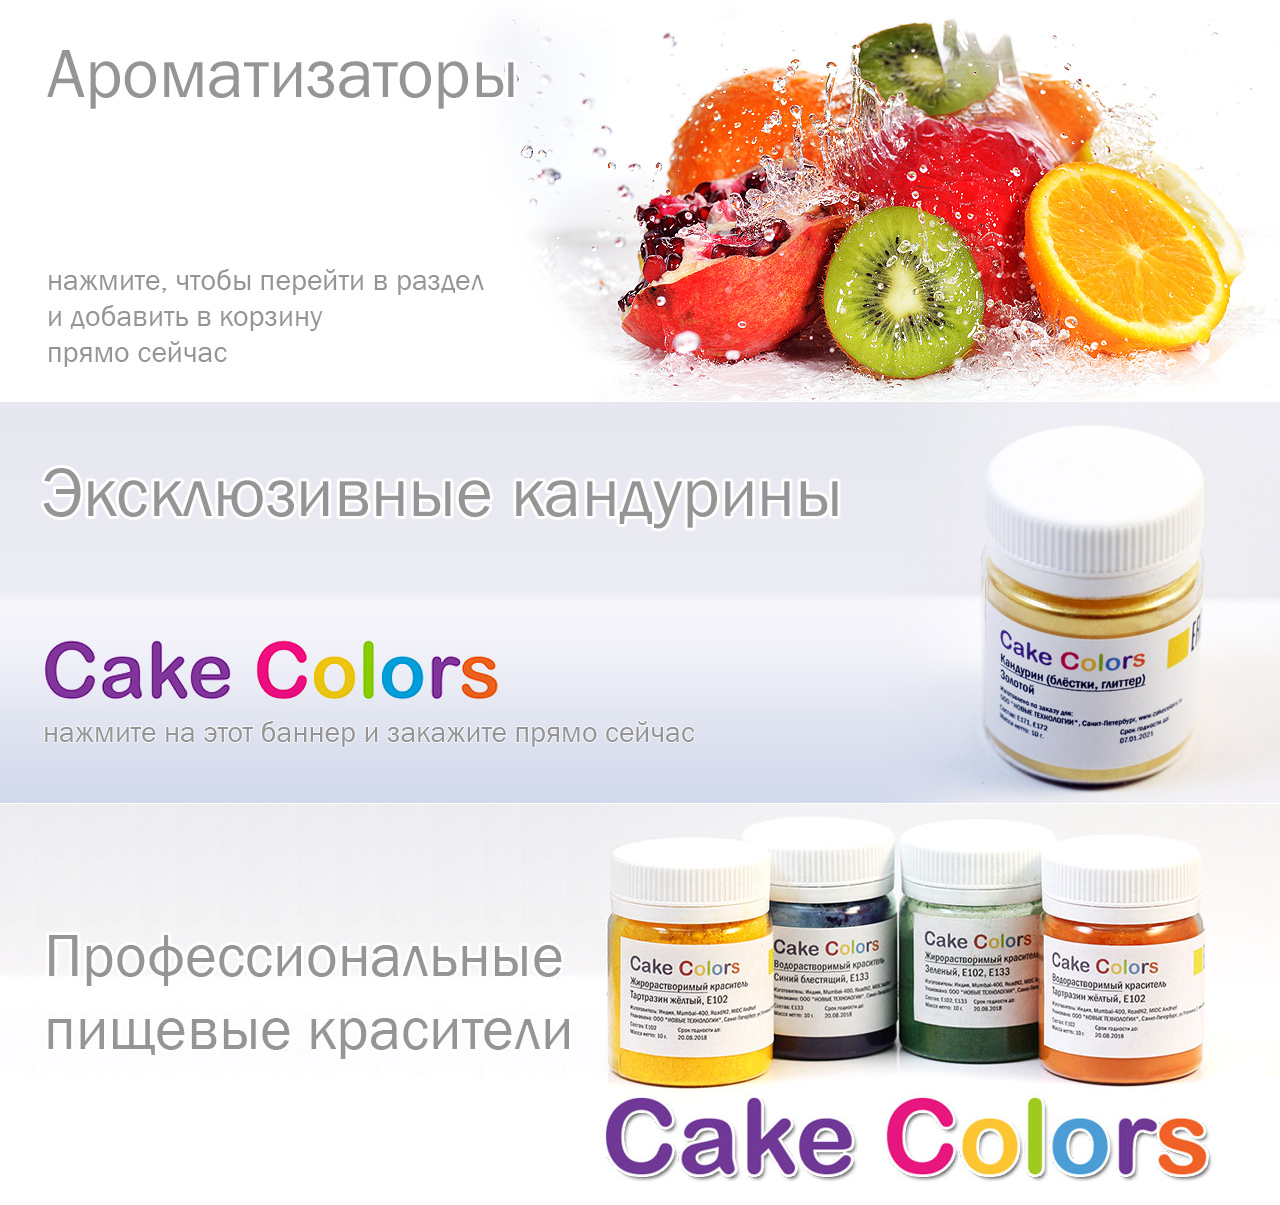 Успешный Кондитер Интернет Магазин Петербург Каталог Товаров